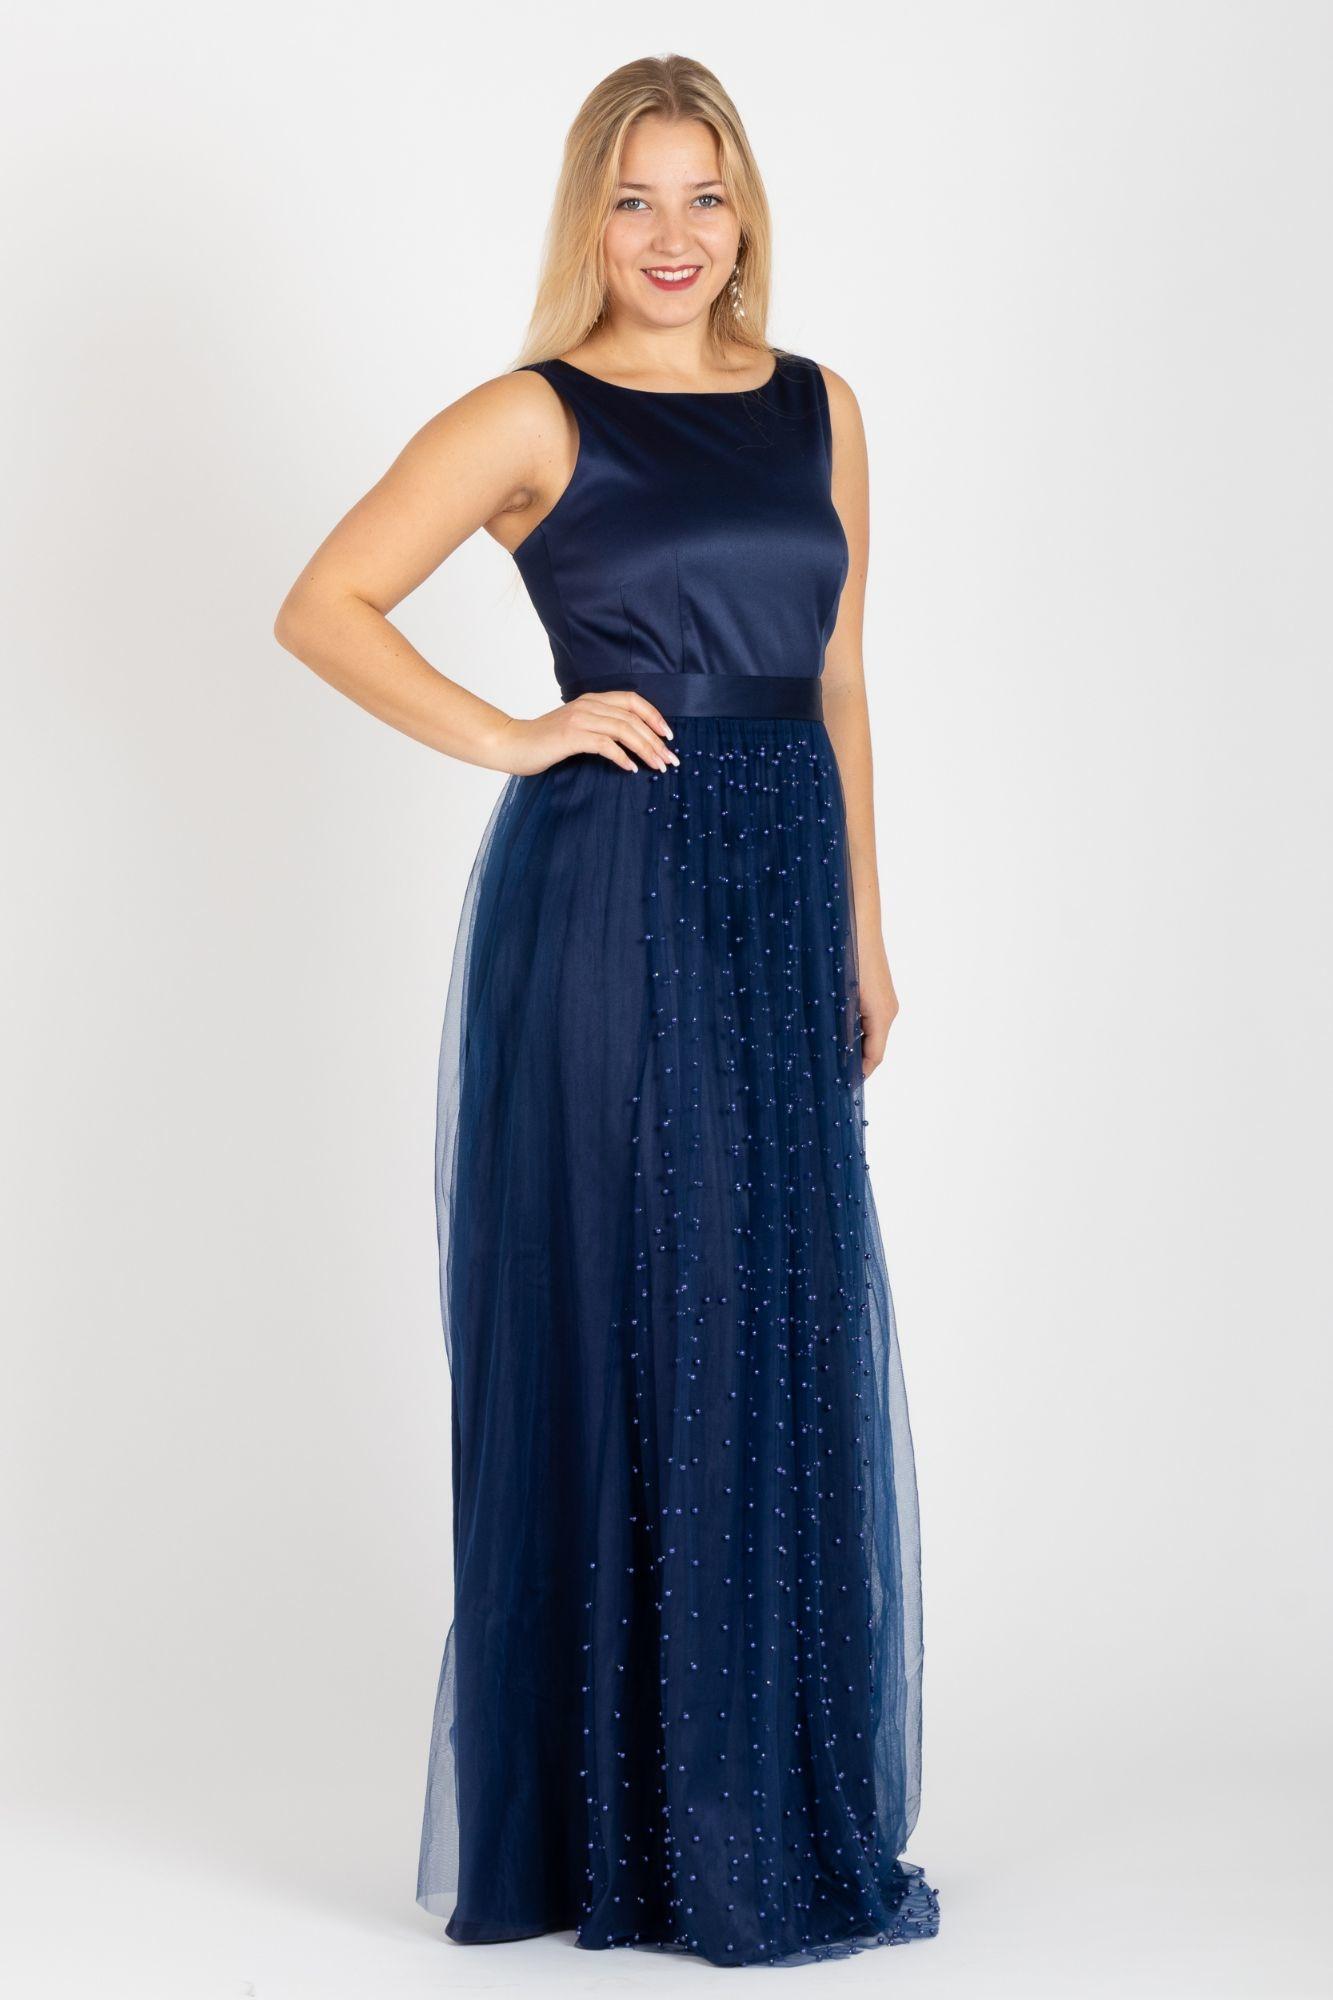 f3564dd47 Společenské šaty Elizabeth, modré - POSHme.cz